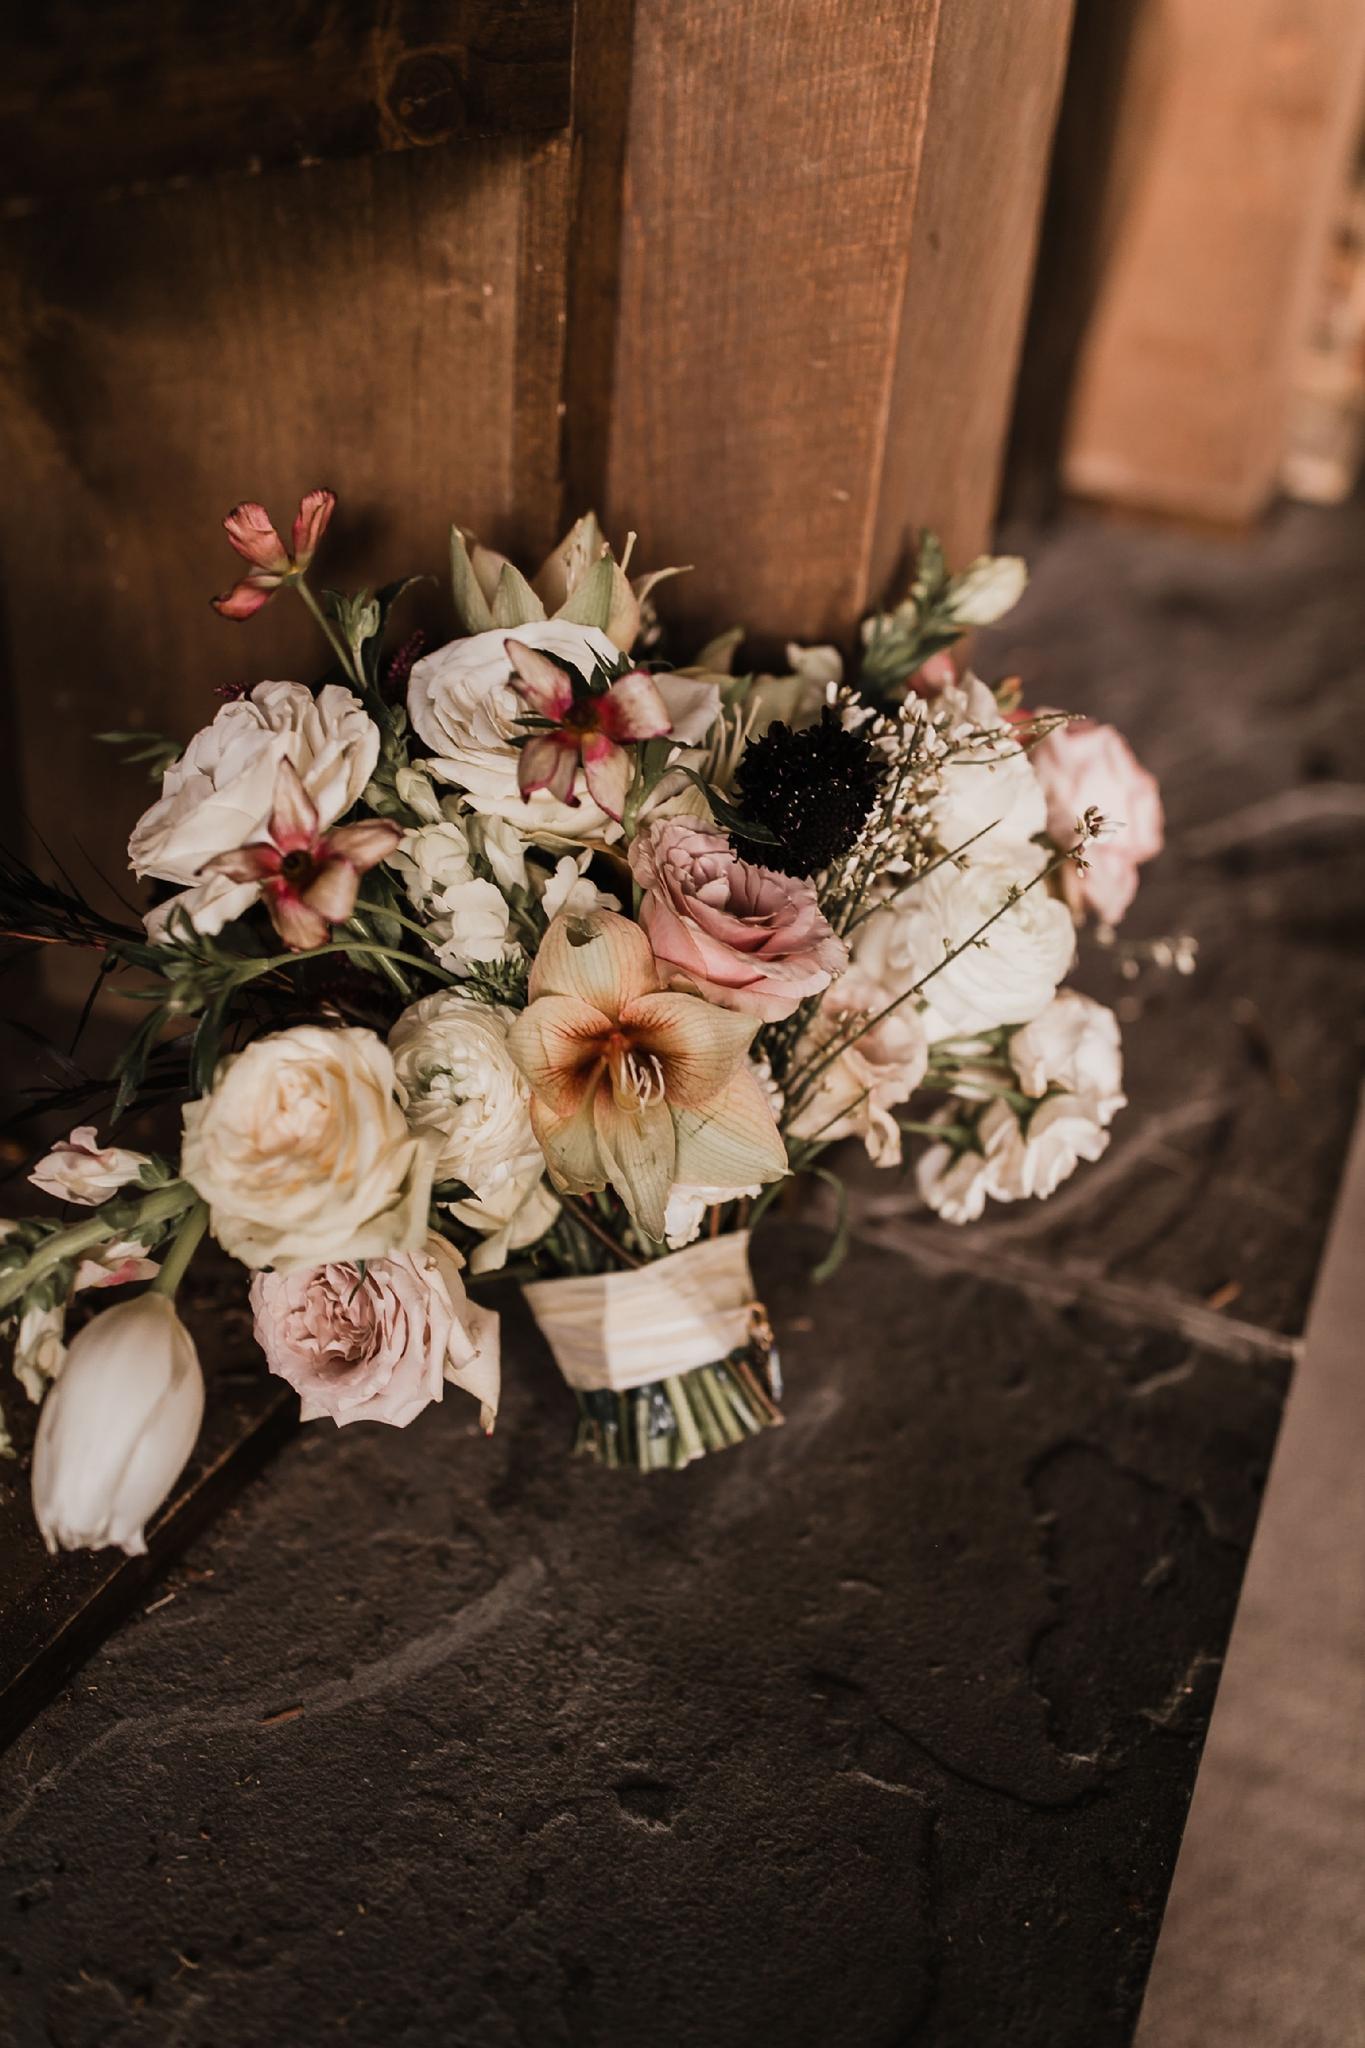 Alicia+lucia+photography+-+albuquerque+wedding+photographer+-+santa+fe+wedding+photography+-+new+mexico+wedding+photographer+-+new+mexico+wedding+-+new+mexico+florist+-+floriography+flowers+-+floriography+flowers+new+mexico+-+wedding+florist_0027.jpg